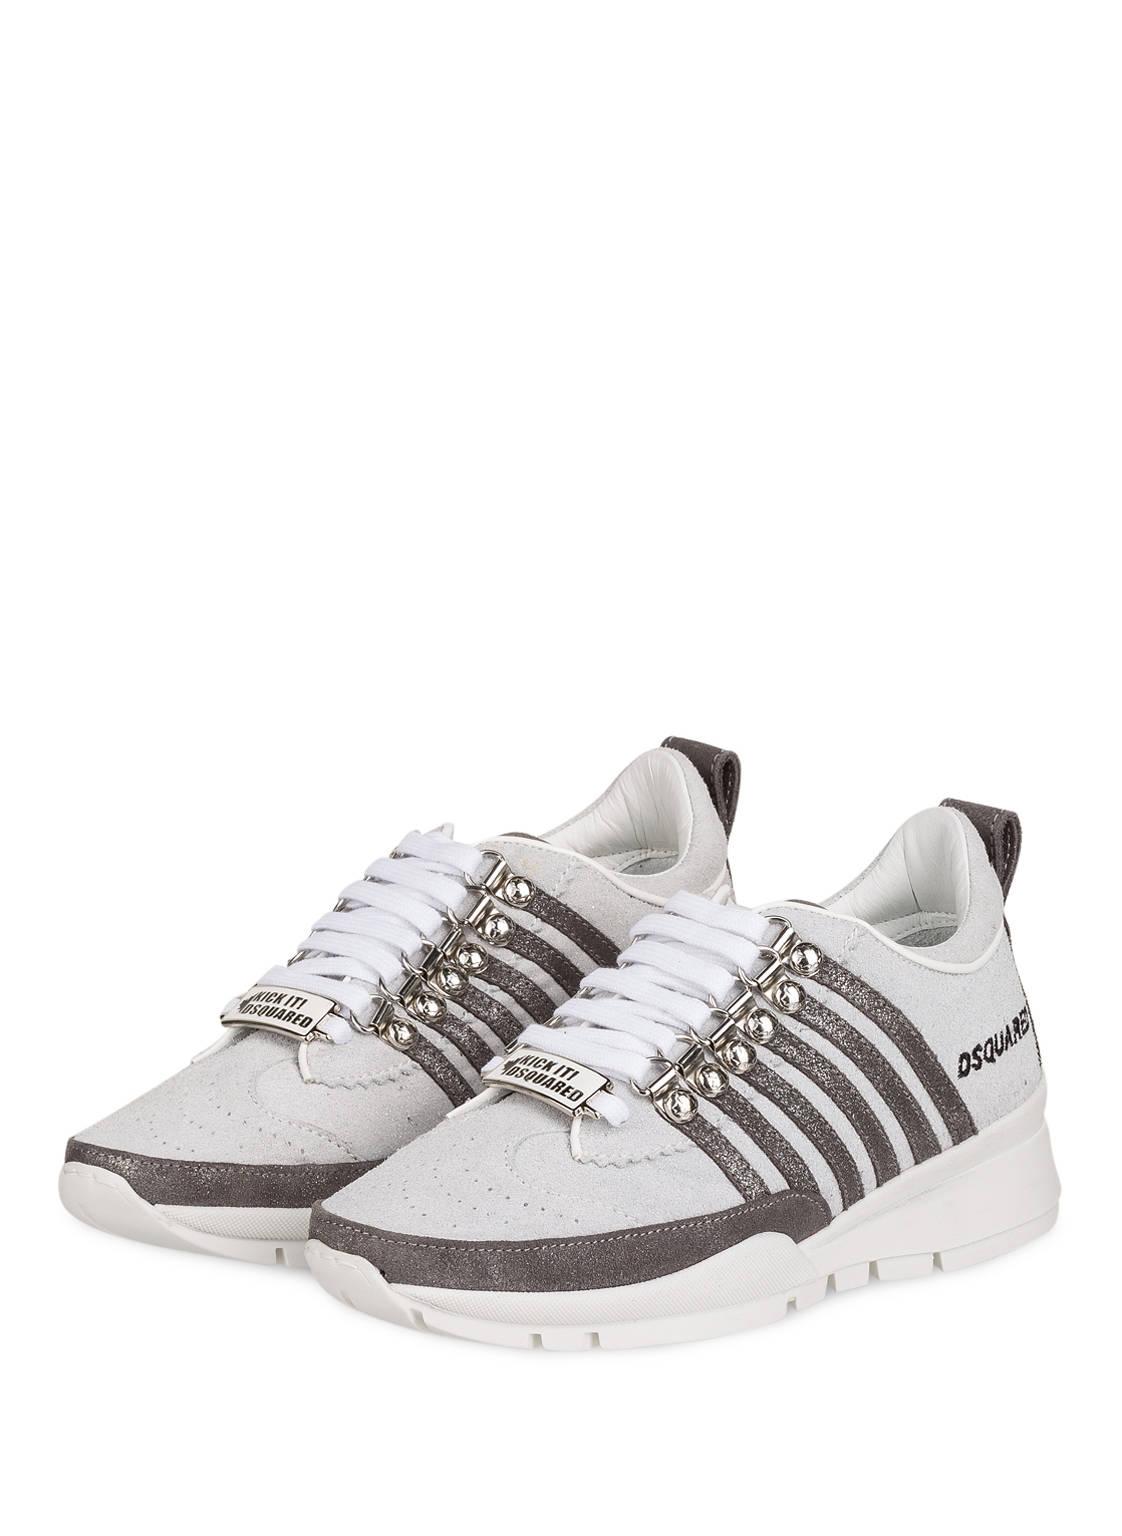 Dsquared Schuhe Frauen